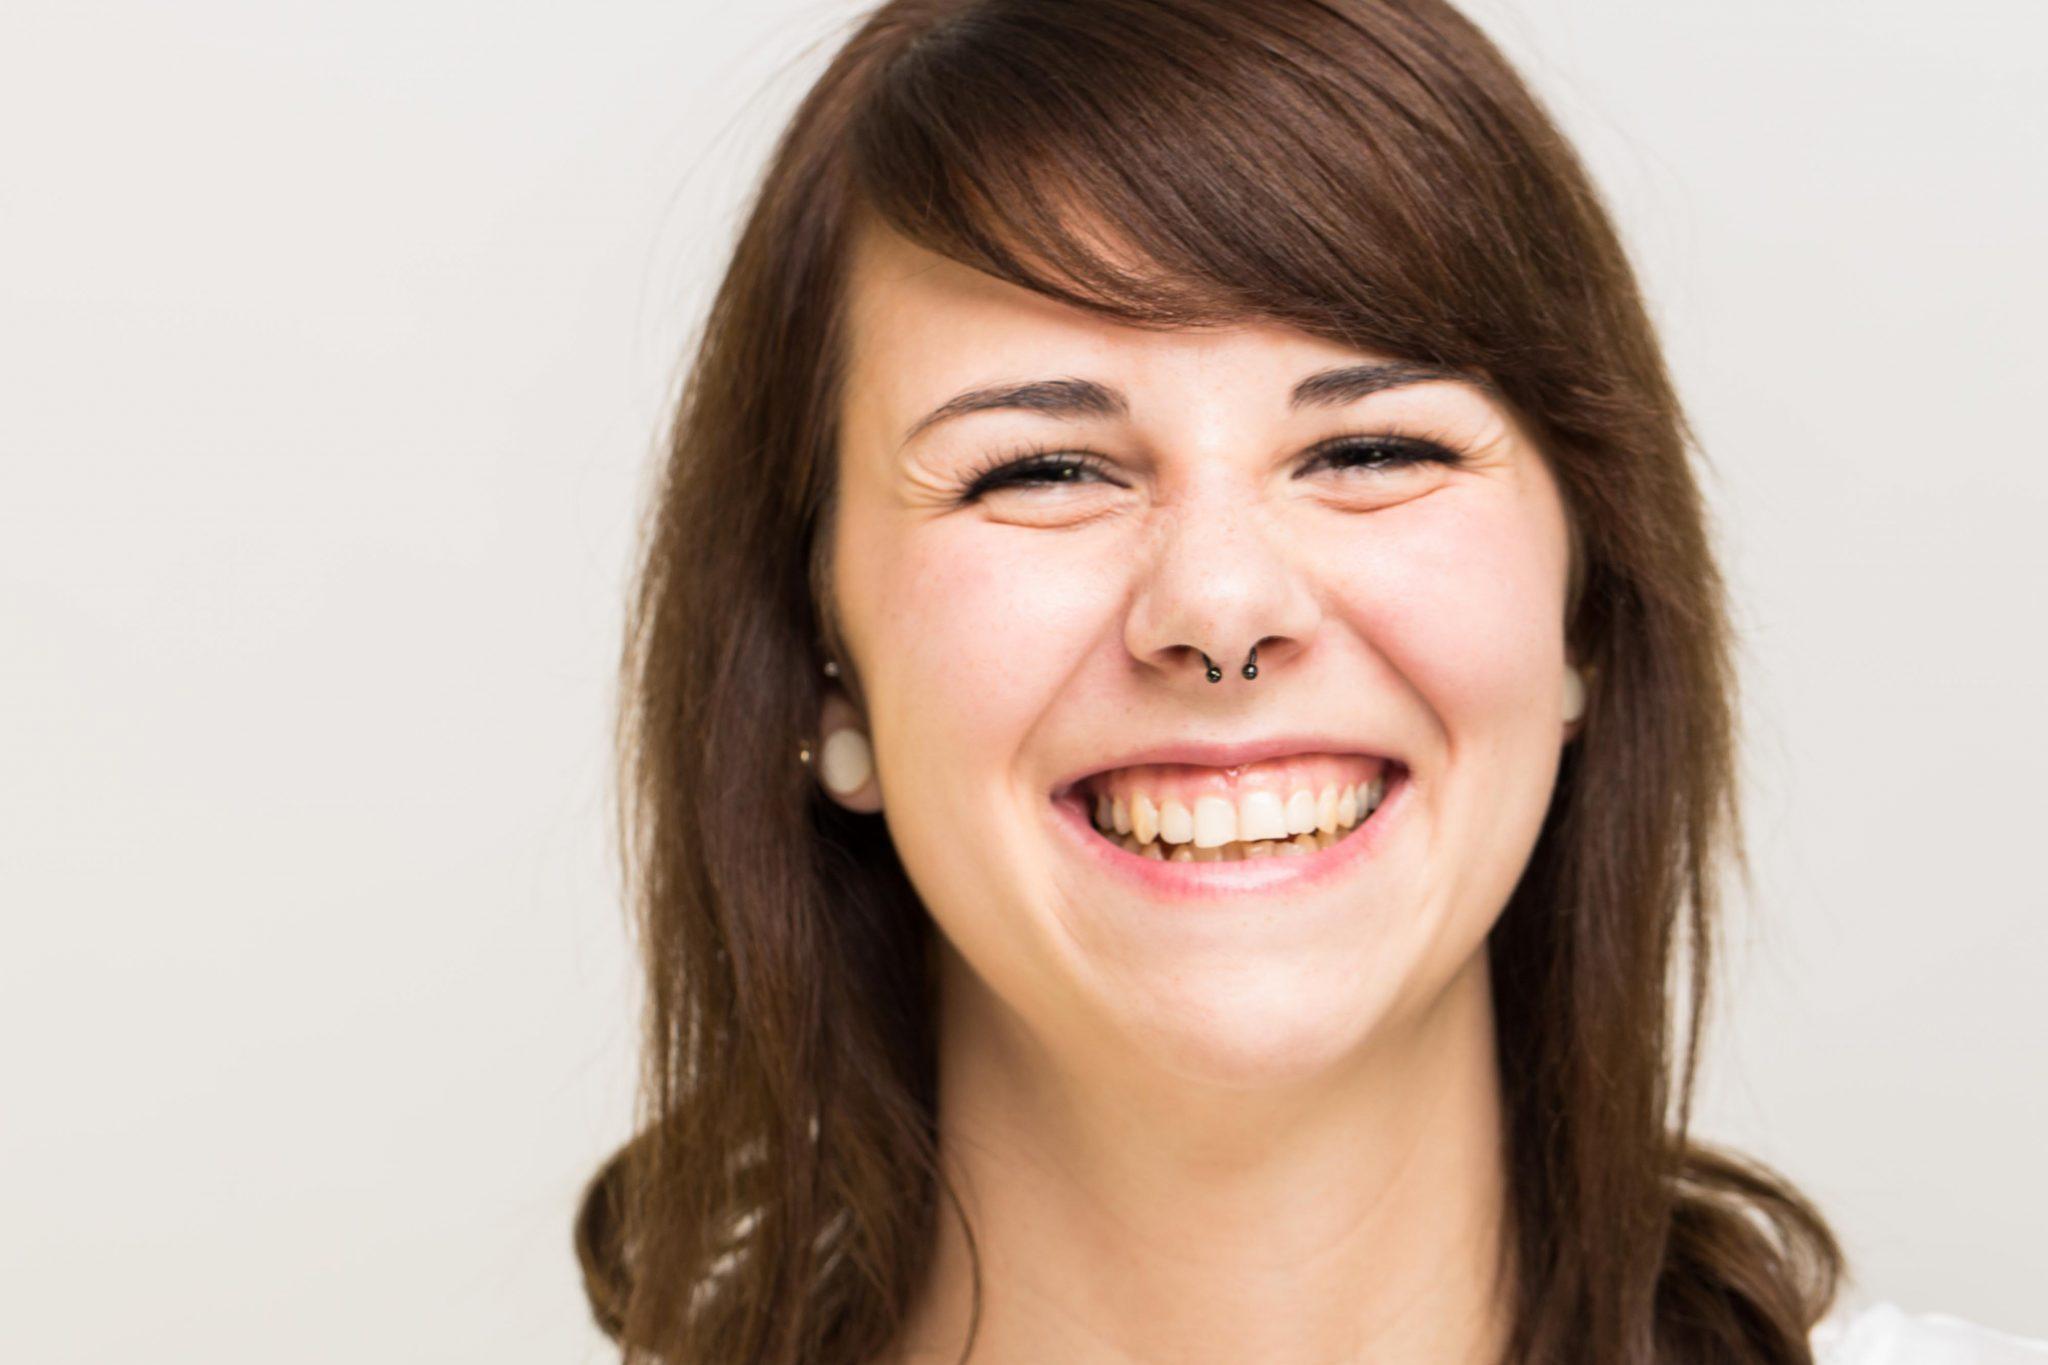 Portrait bzw Headshot von Julia im Peter Hurley Style Stil